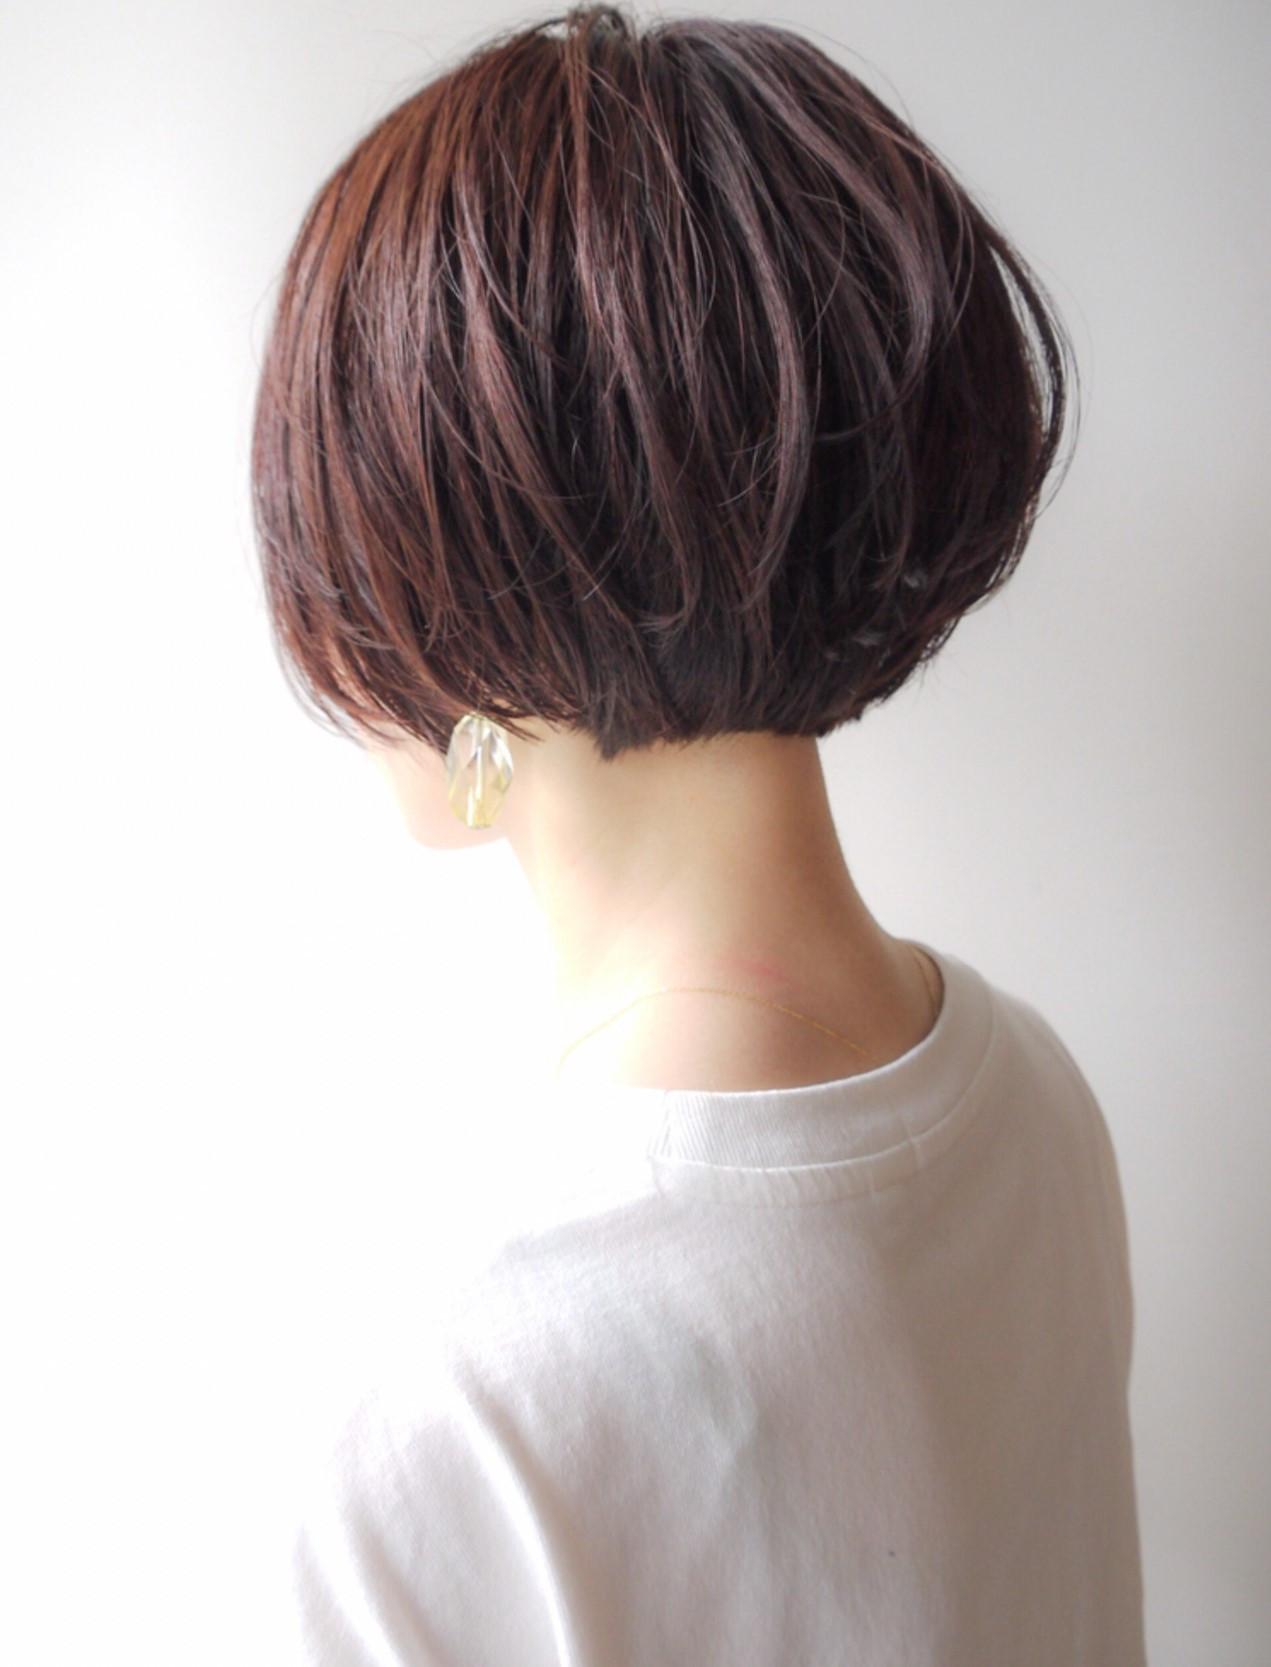 コンサバ ボブ アウトドア ハンサムショート ヘアスタイルや髪型の写真・画像